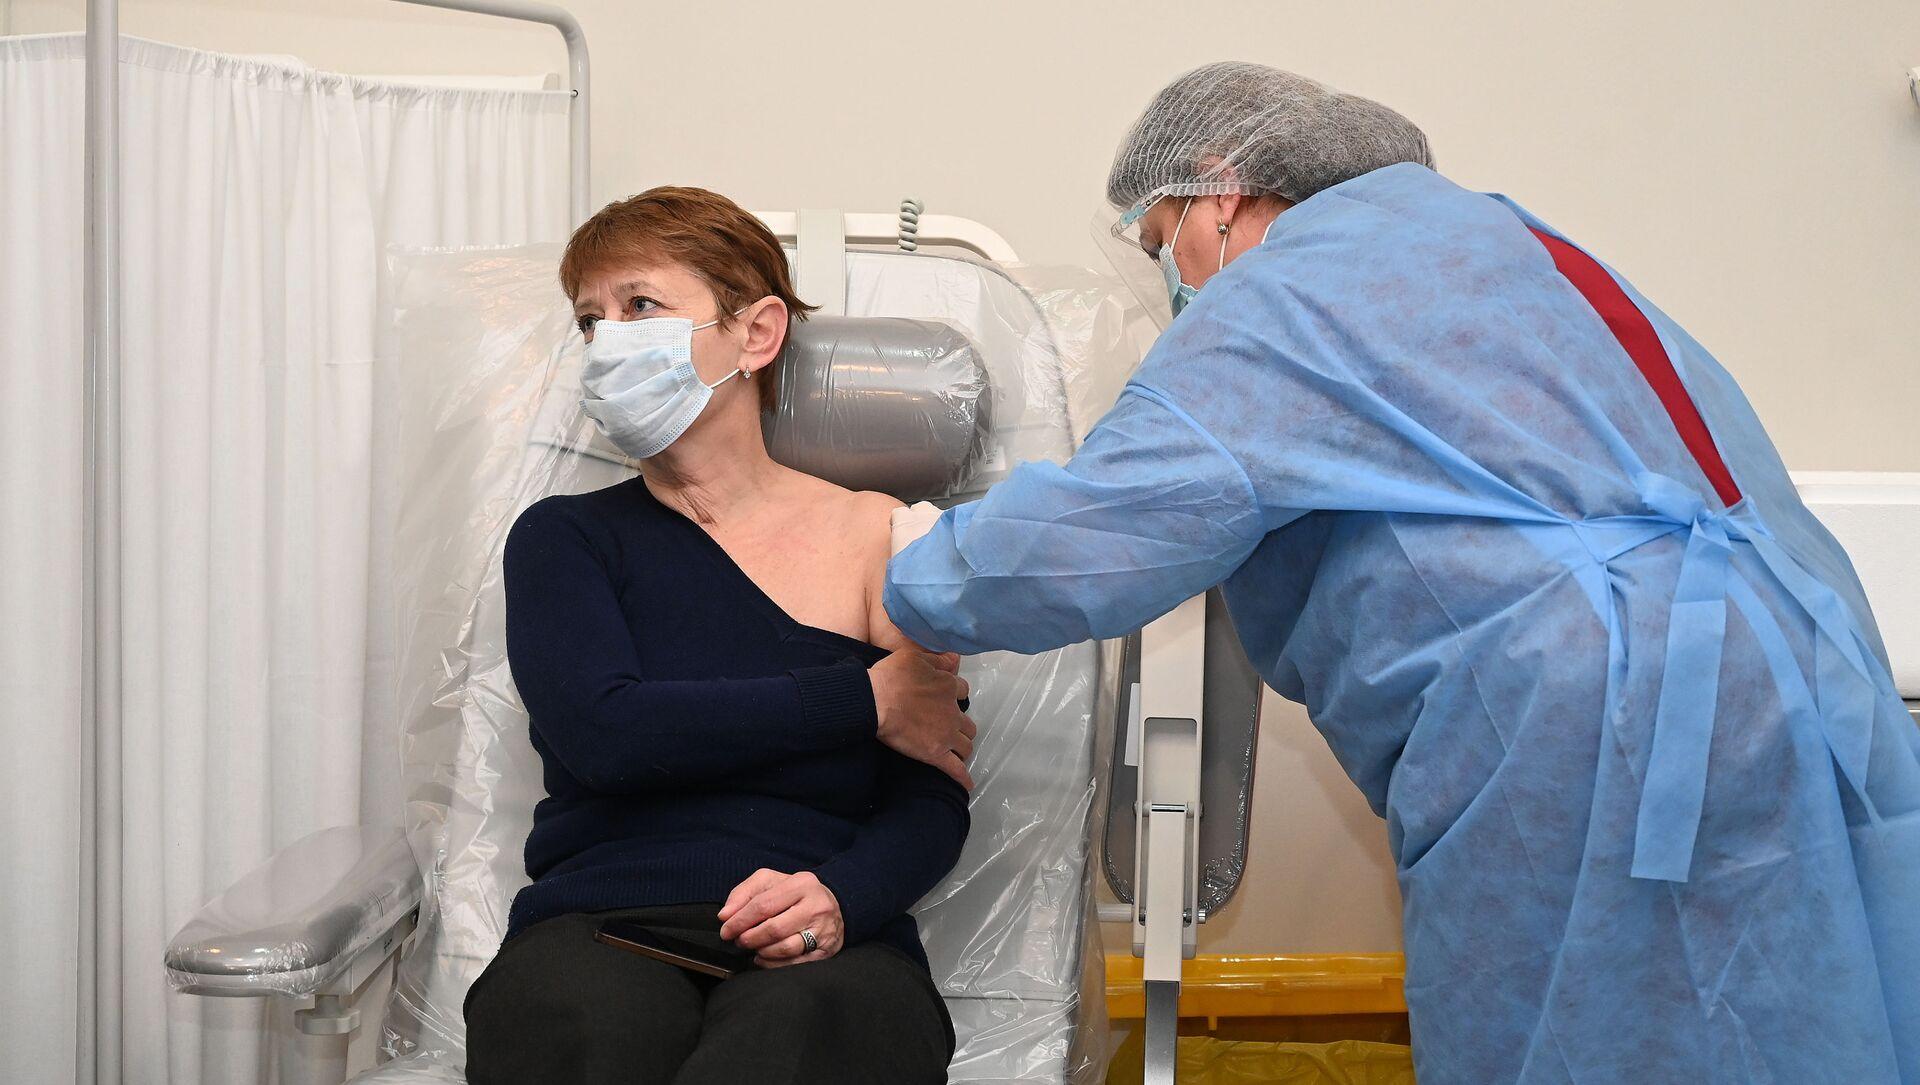 Эпидемия коронавируса - вакцинация вакциной AstraZeneca в Тбилисской инфекционной больнице - Sputnik Грузия, 1920, 13.04.2021